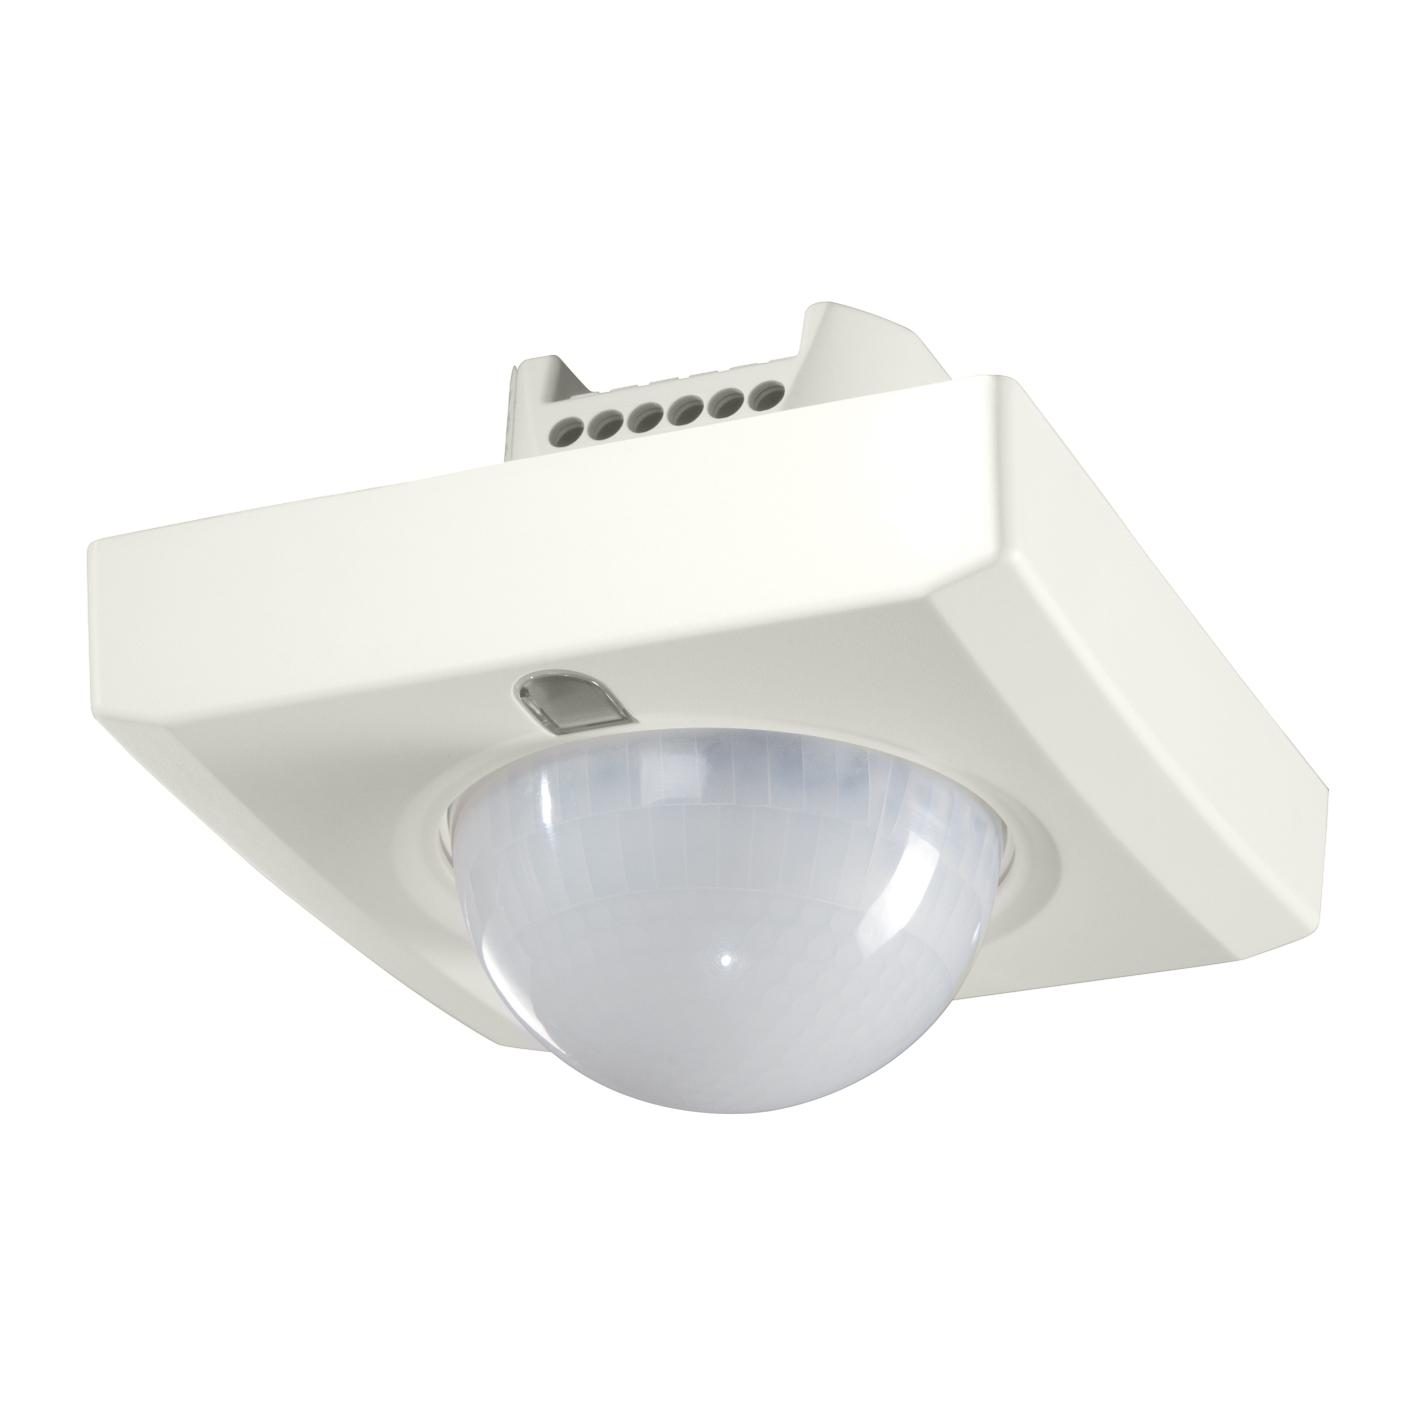 1 Stk Präsenzmelder für Deckenmontage, 360°, Ø12m, IP41, weiß EST1040370